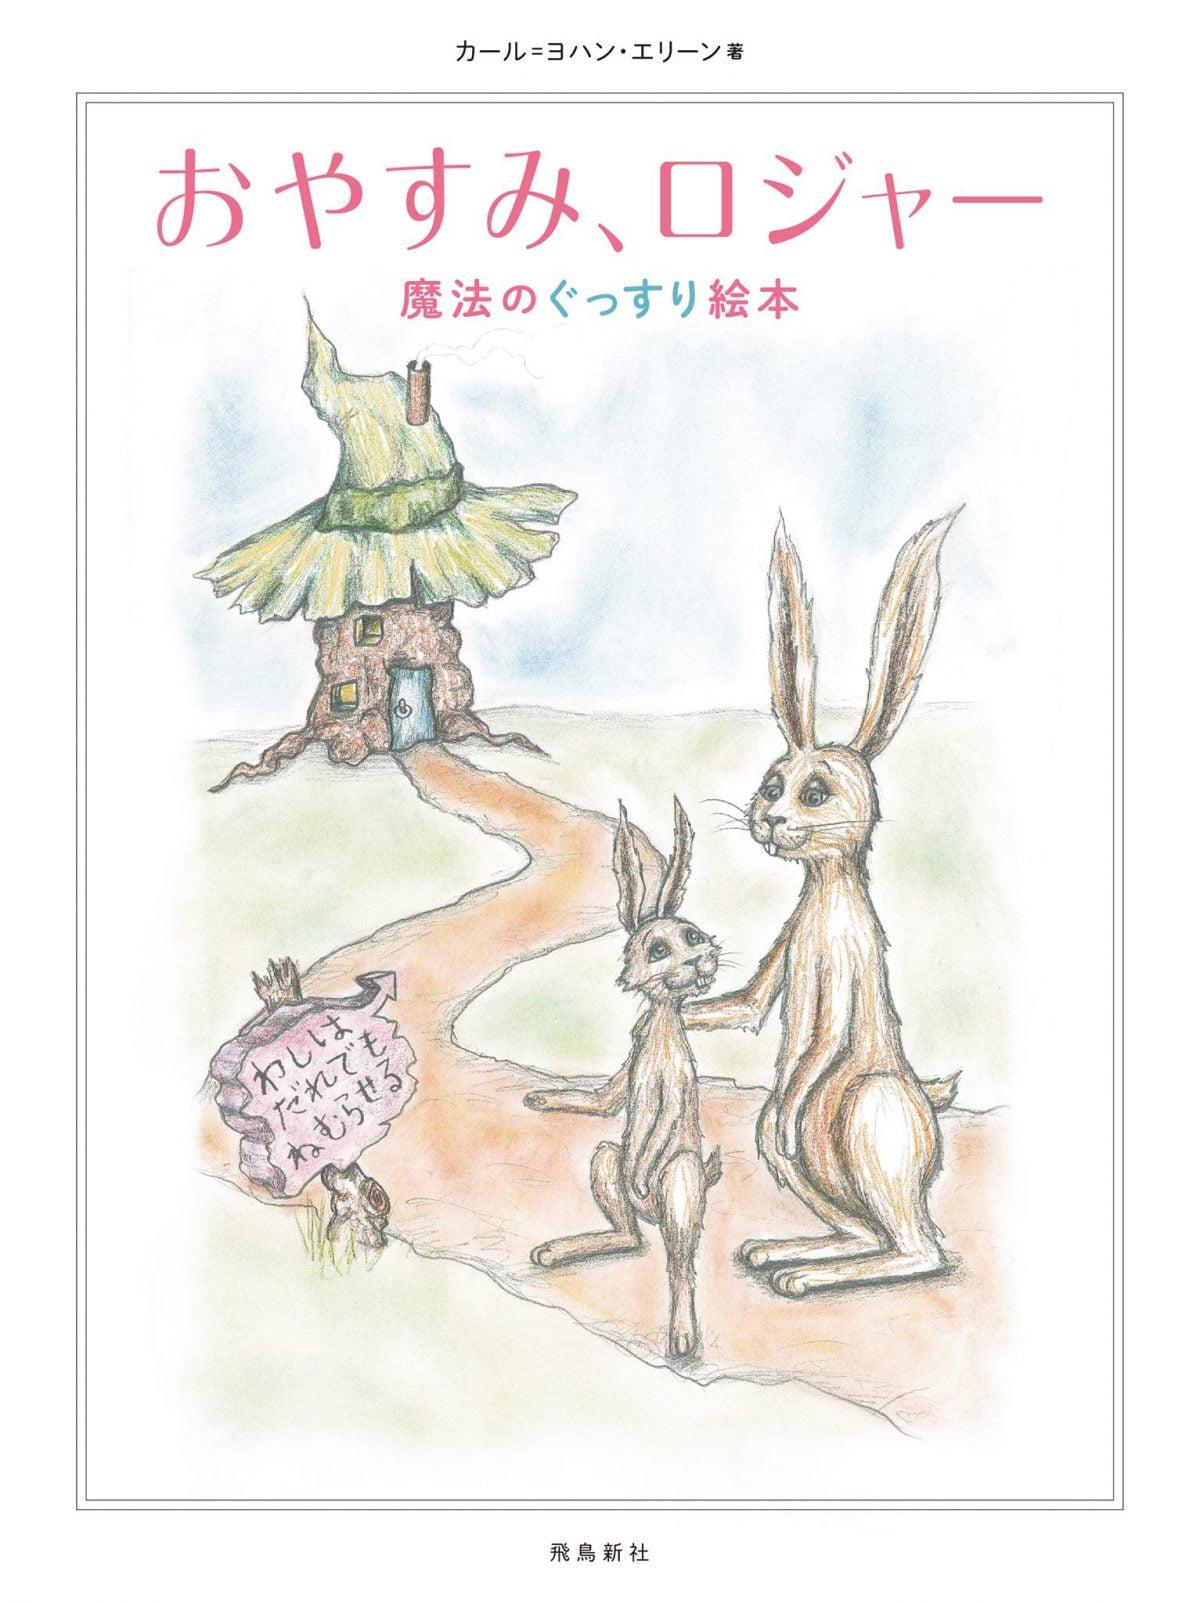 絵本「おやすみ、ロジャー 魔法のぐっすり絵本」の表紙